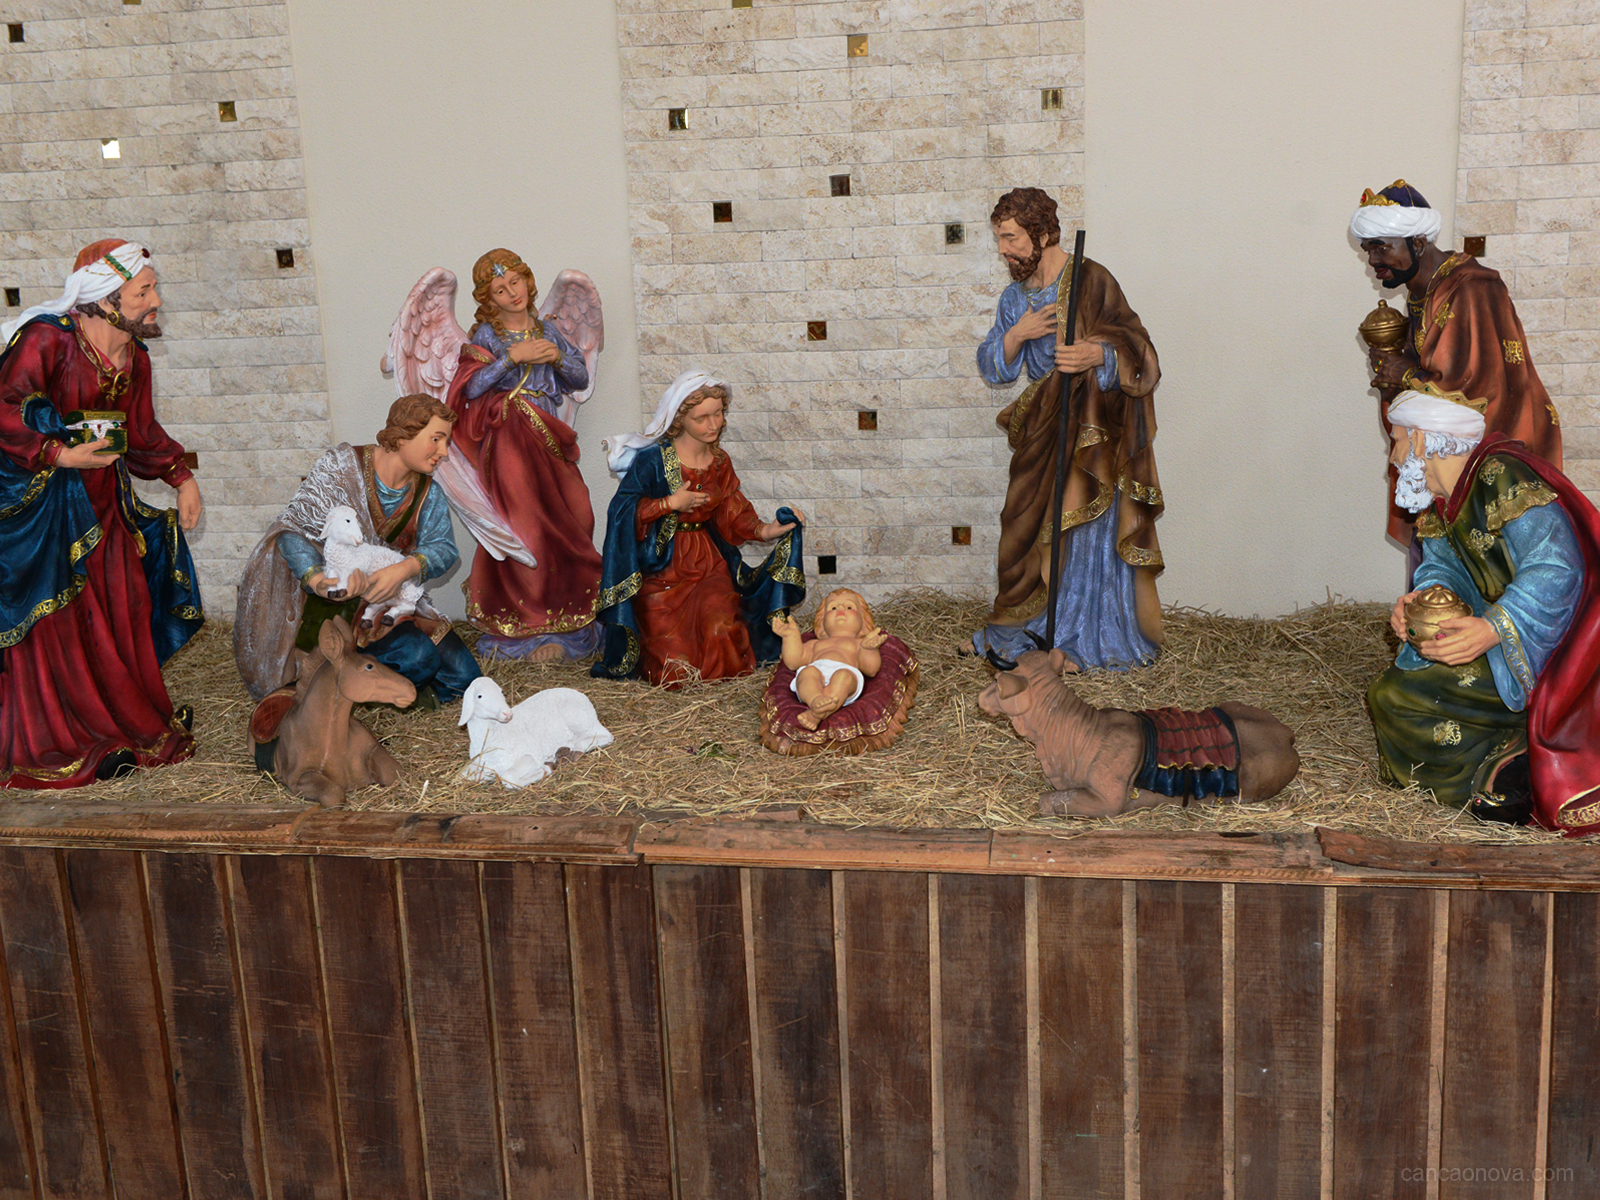 Monte o presépio em seu coração e celebre o nascimento de Jesus